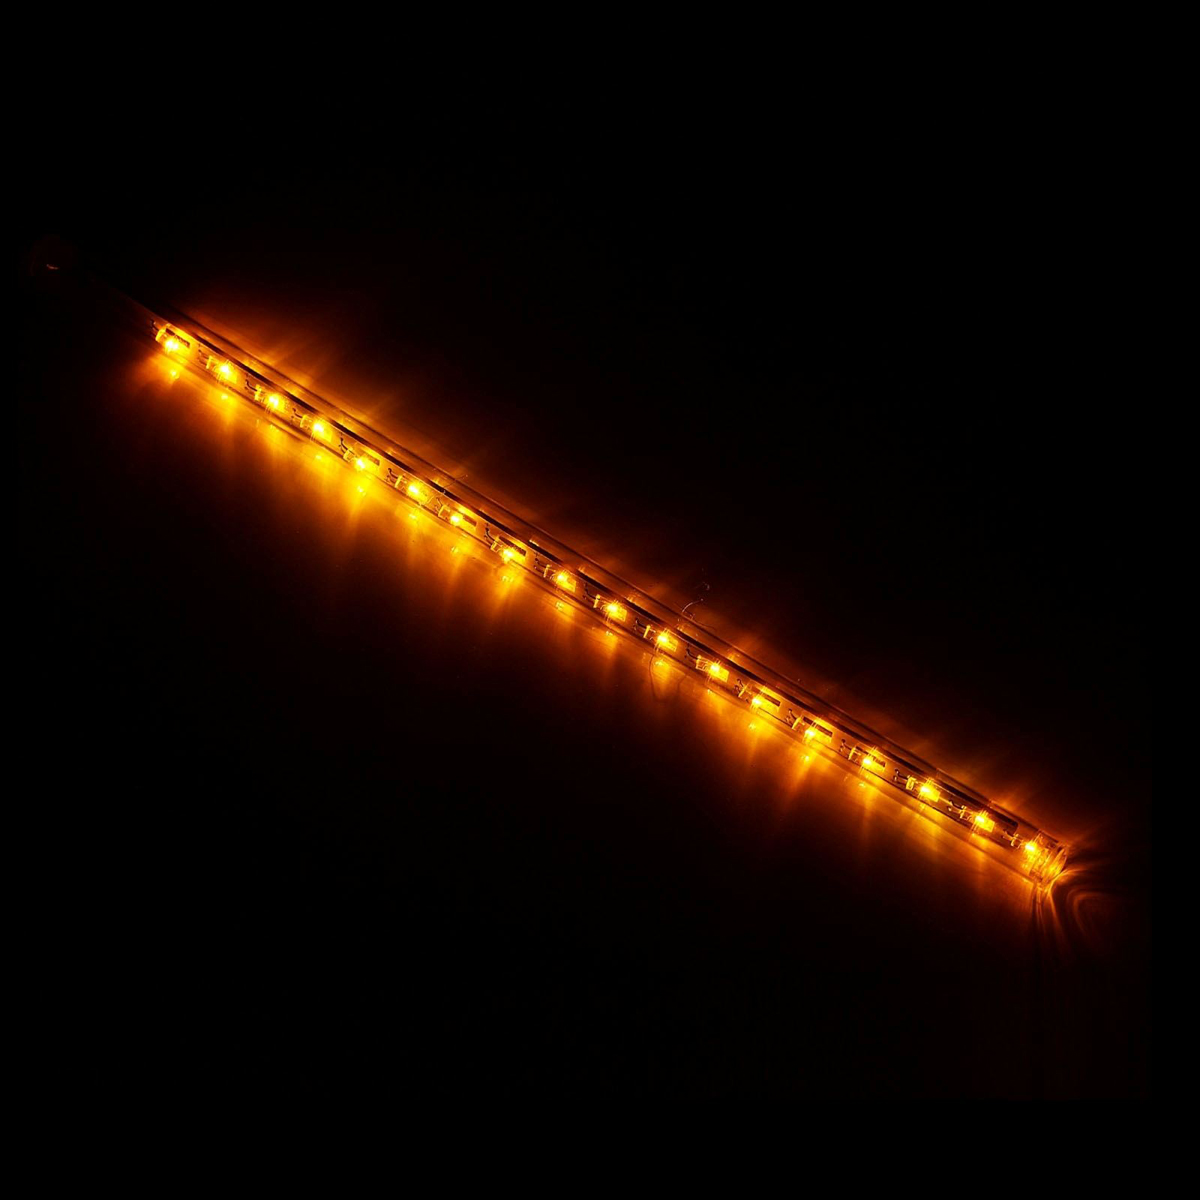 Светодиодная сосулька Luazon Тающая, длина 0,3 м, диаметр 2 см, LED 18 ламп, 220V, цвет: желтый678894Светодиодные гирлянды, ленты и т.д — это отличный вариант для новогоднего оформления интерьера или фасада. С их помощью помещение любого размера можно превратить в праздничный зал, а внешние элементы зданий, украшенные ими, мгновенно станут напоминать очертания сказочного дворца. Такие украшения создают ауру предвкушения чуда. Деревья, фасады, витрины, окна и арки будто специально созданы, чтобы вы украсили их светящимися нитями.